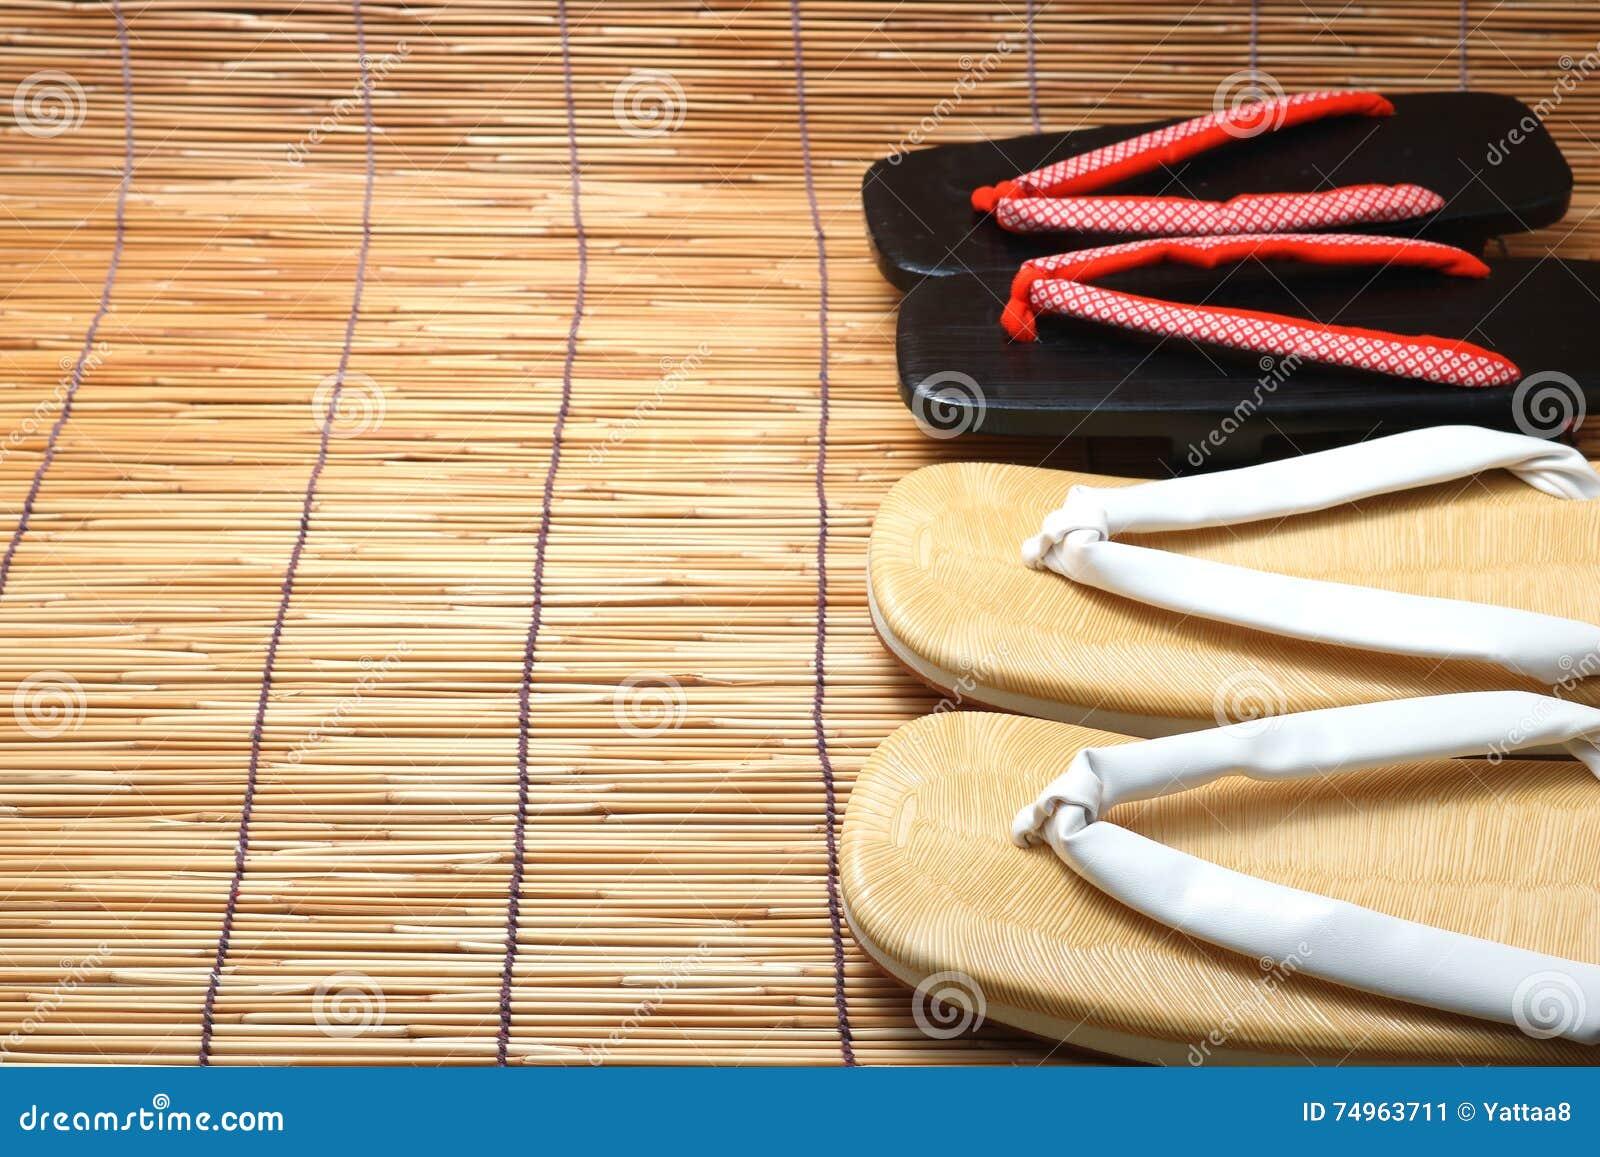 Persianas Sandalias Para Mujeres En Japonesas Y Las Los Hombres 3q54jLAR